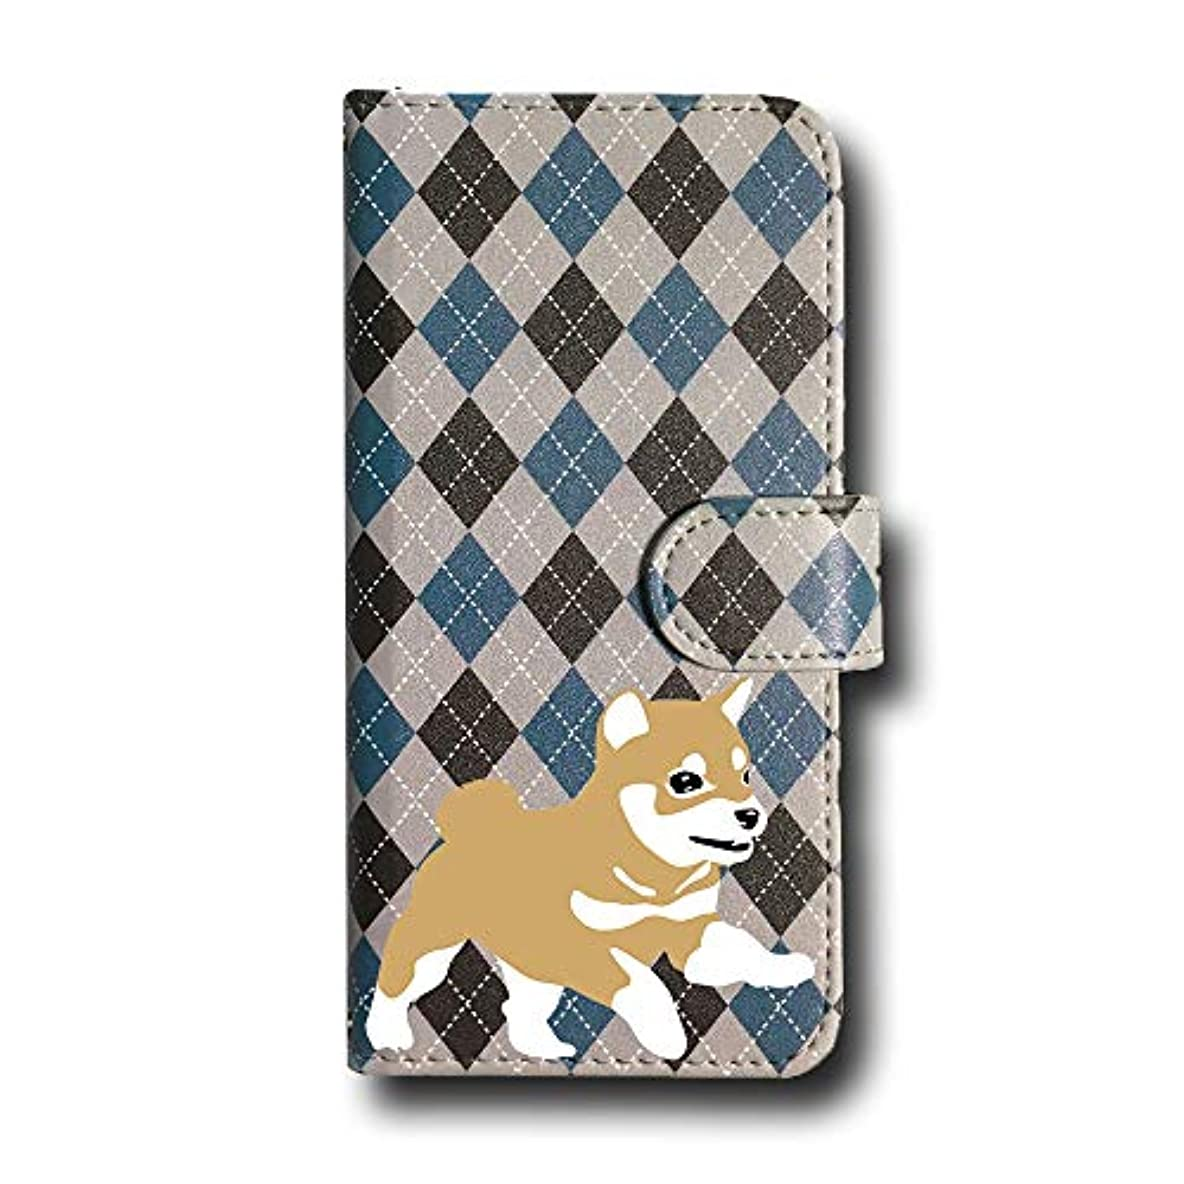 置換世界数学豆柴 赤毛 アーガイル スマホケース Android 手帳型 アーガイルC FREETEL Priori4 FTJ162D Fave フェイブ a0131A082-A203L284 アーガイル柄 チェック そろばん柄 柴犬 茶柴 日本犬 犬 ペット スマホカバー スマートフォン 携帯 スマホ ブック型